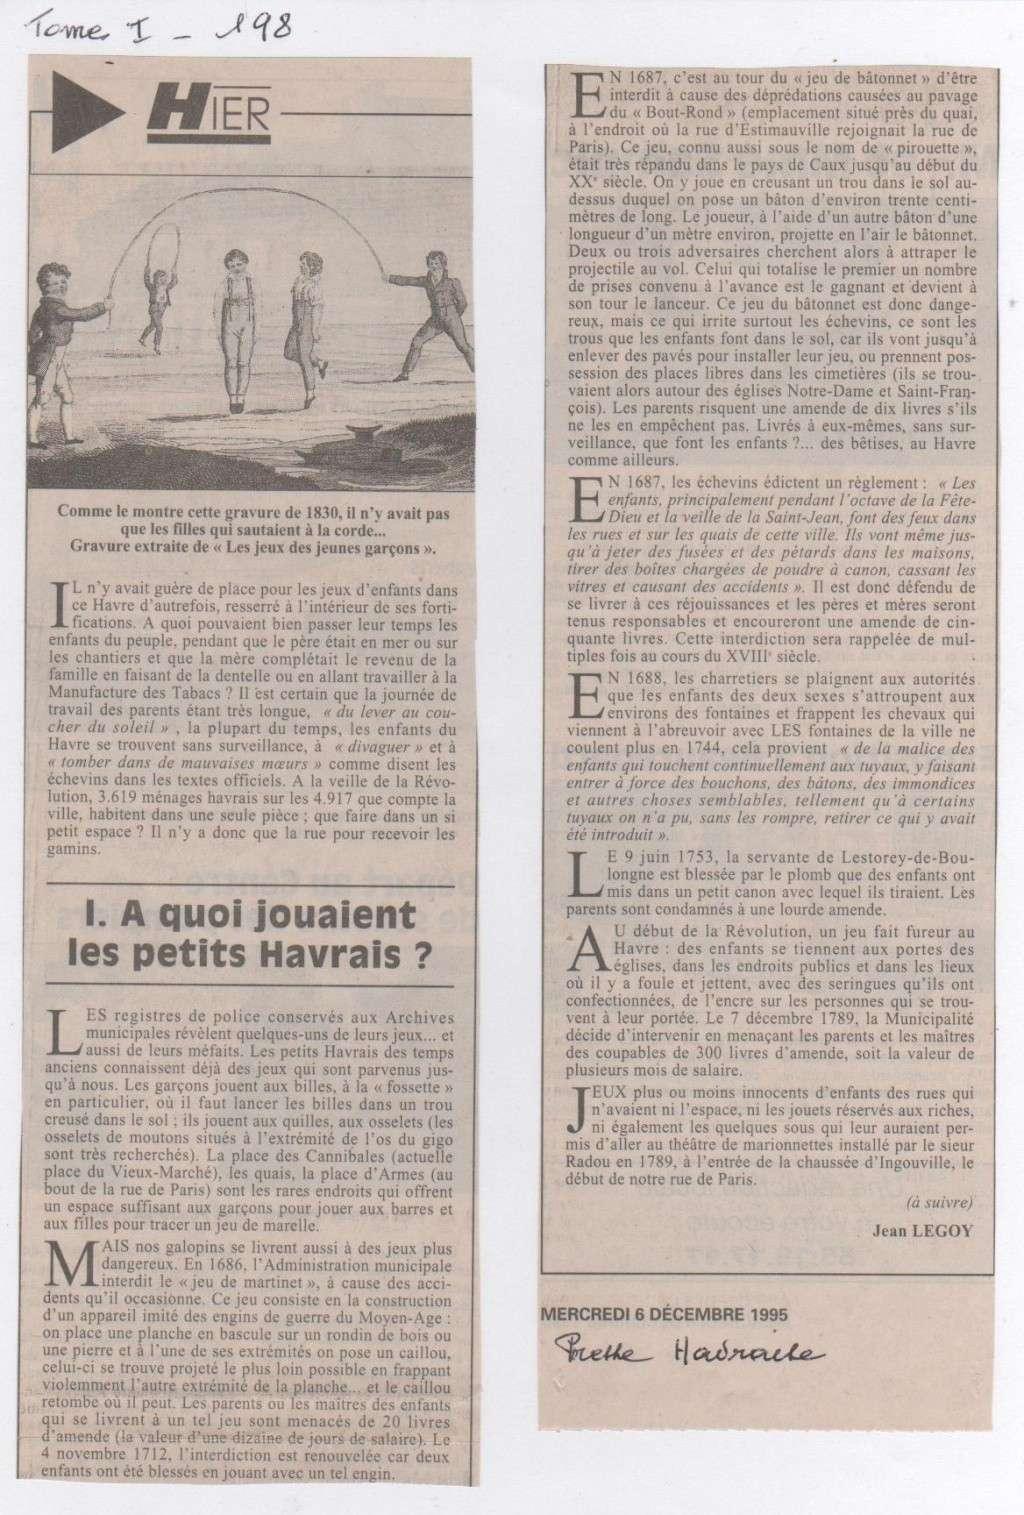 Hier, Le Havre par Jean LEGOY - Page 2 Jean_l60